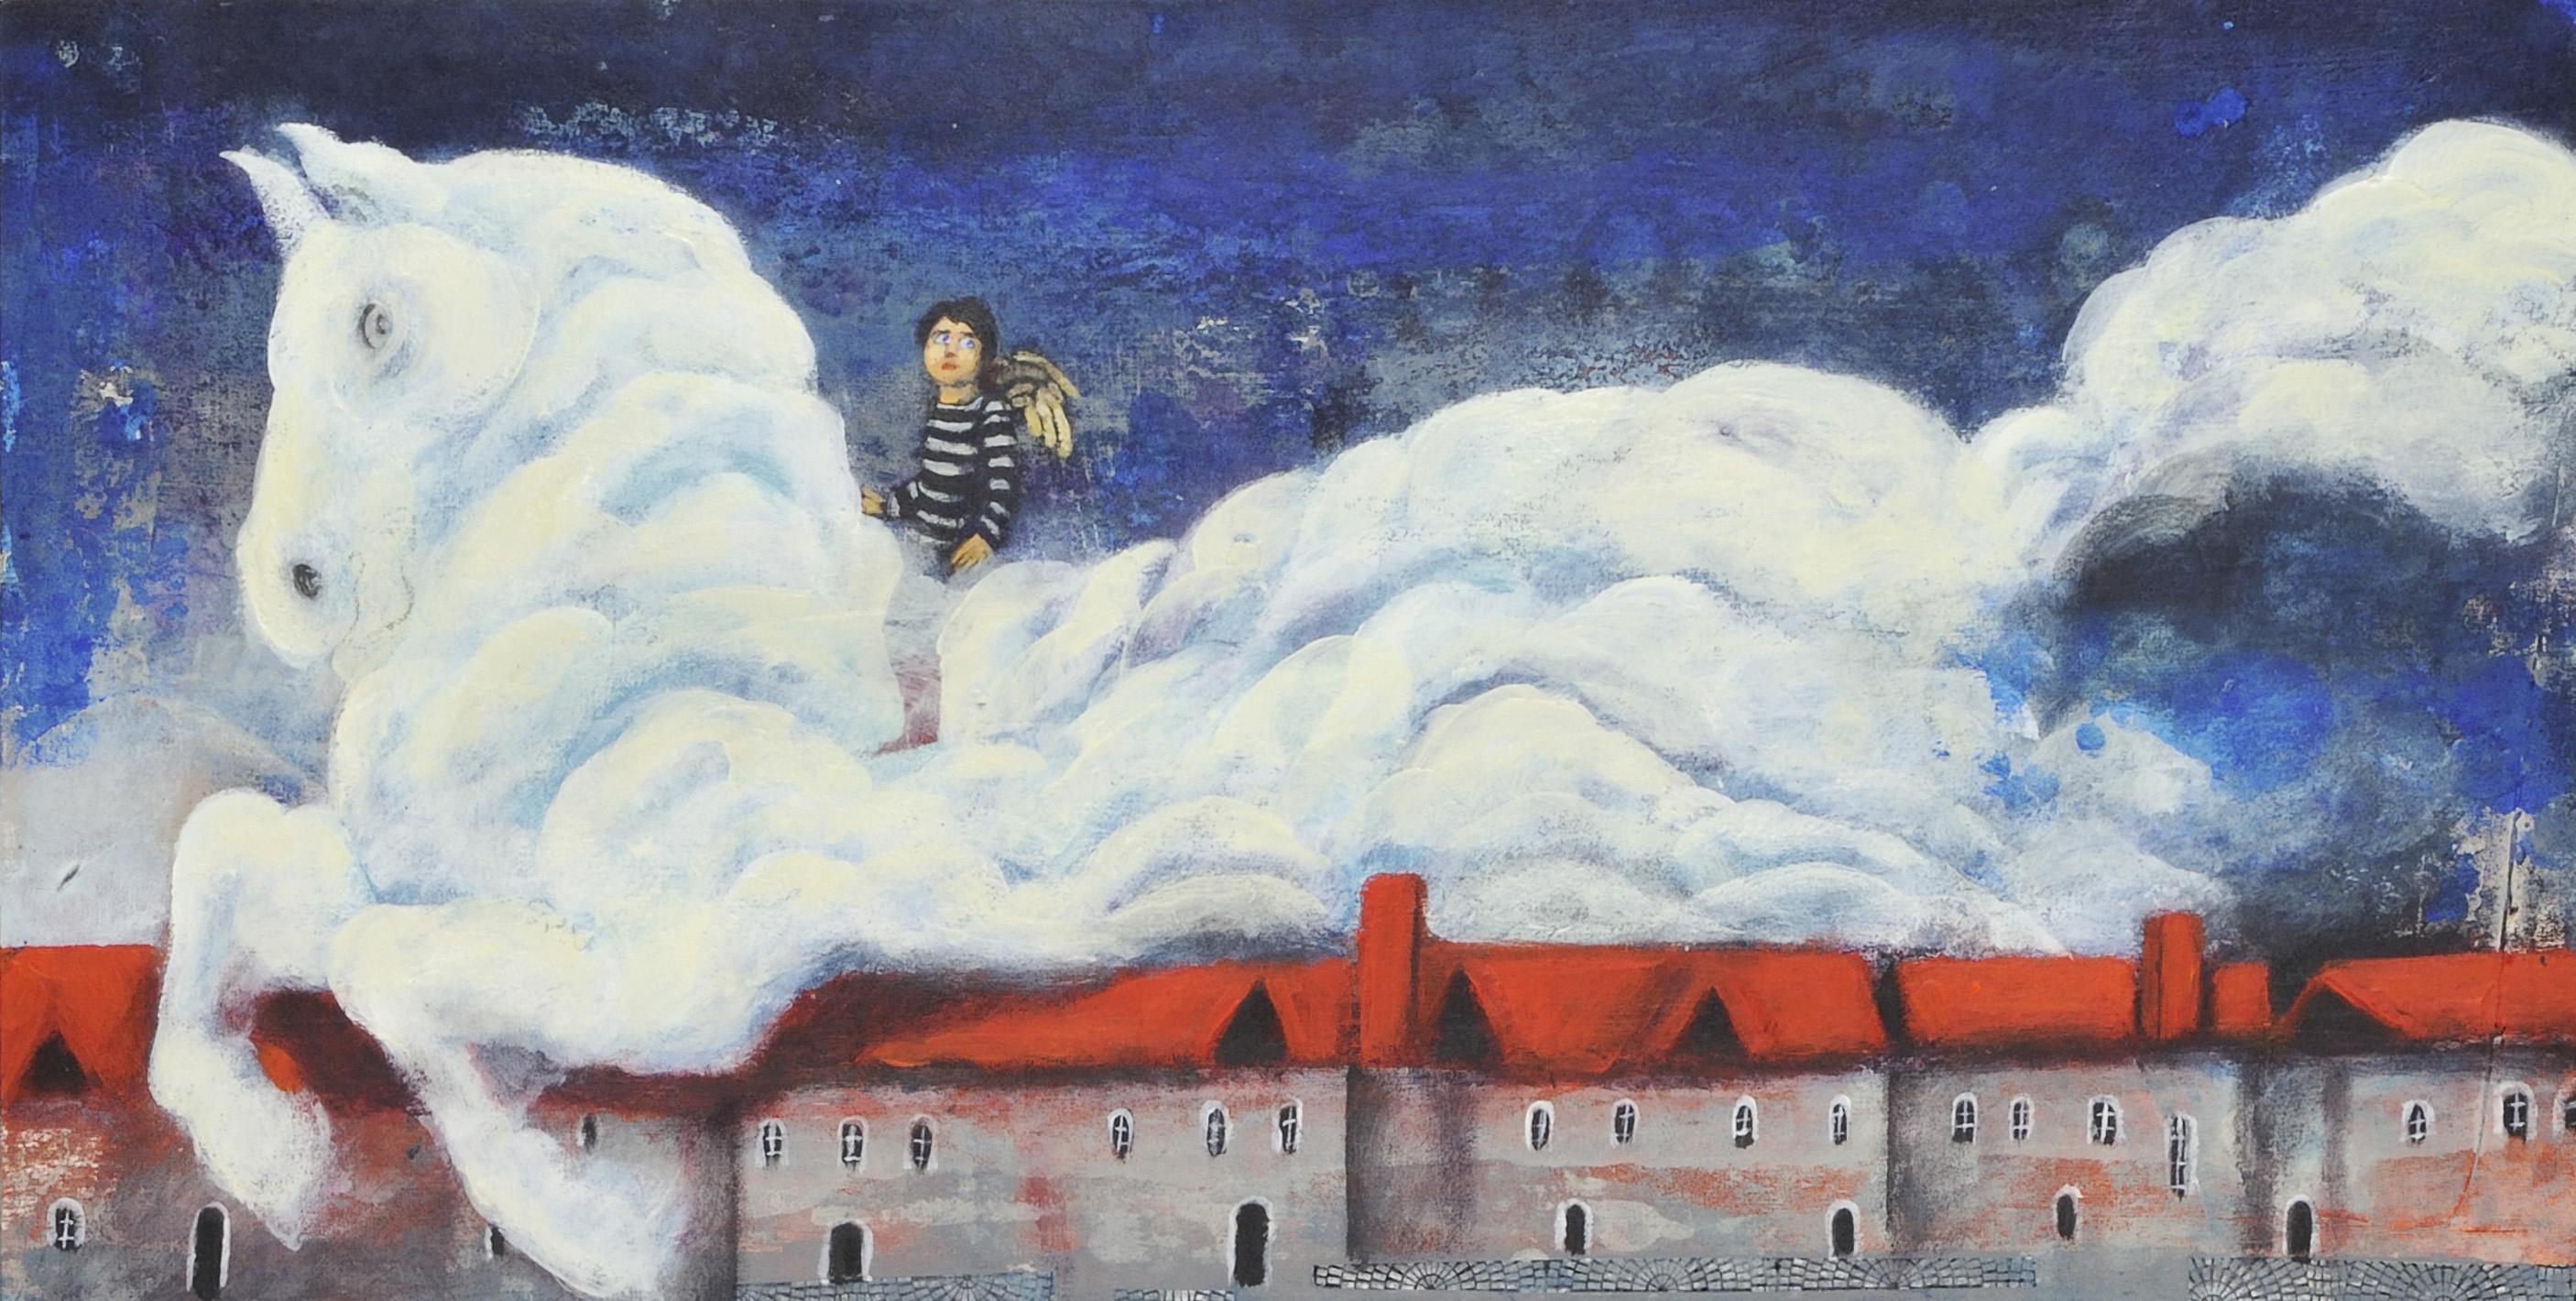 アリレザ・ゴルドゥズィヤン《金色の羽を持つ、青い目をした三人の天使》<br /> © 2017 kanoon/ Institute for the Intellectual Development of Children & Young Adults<br />